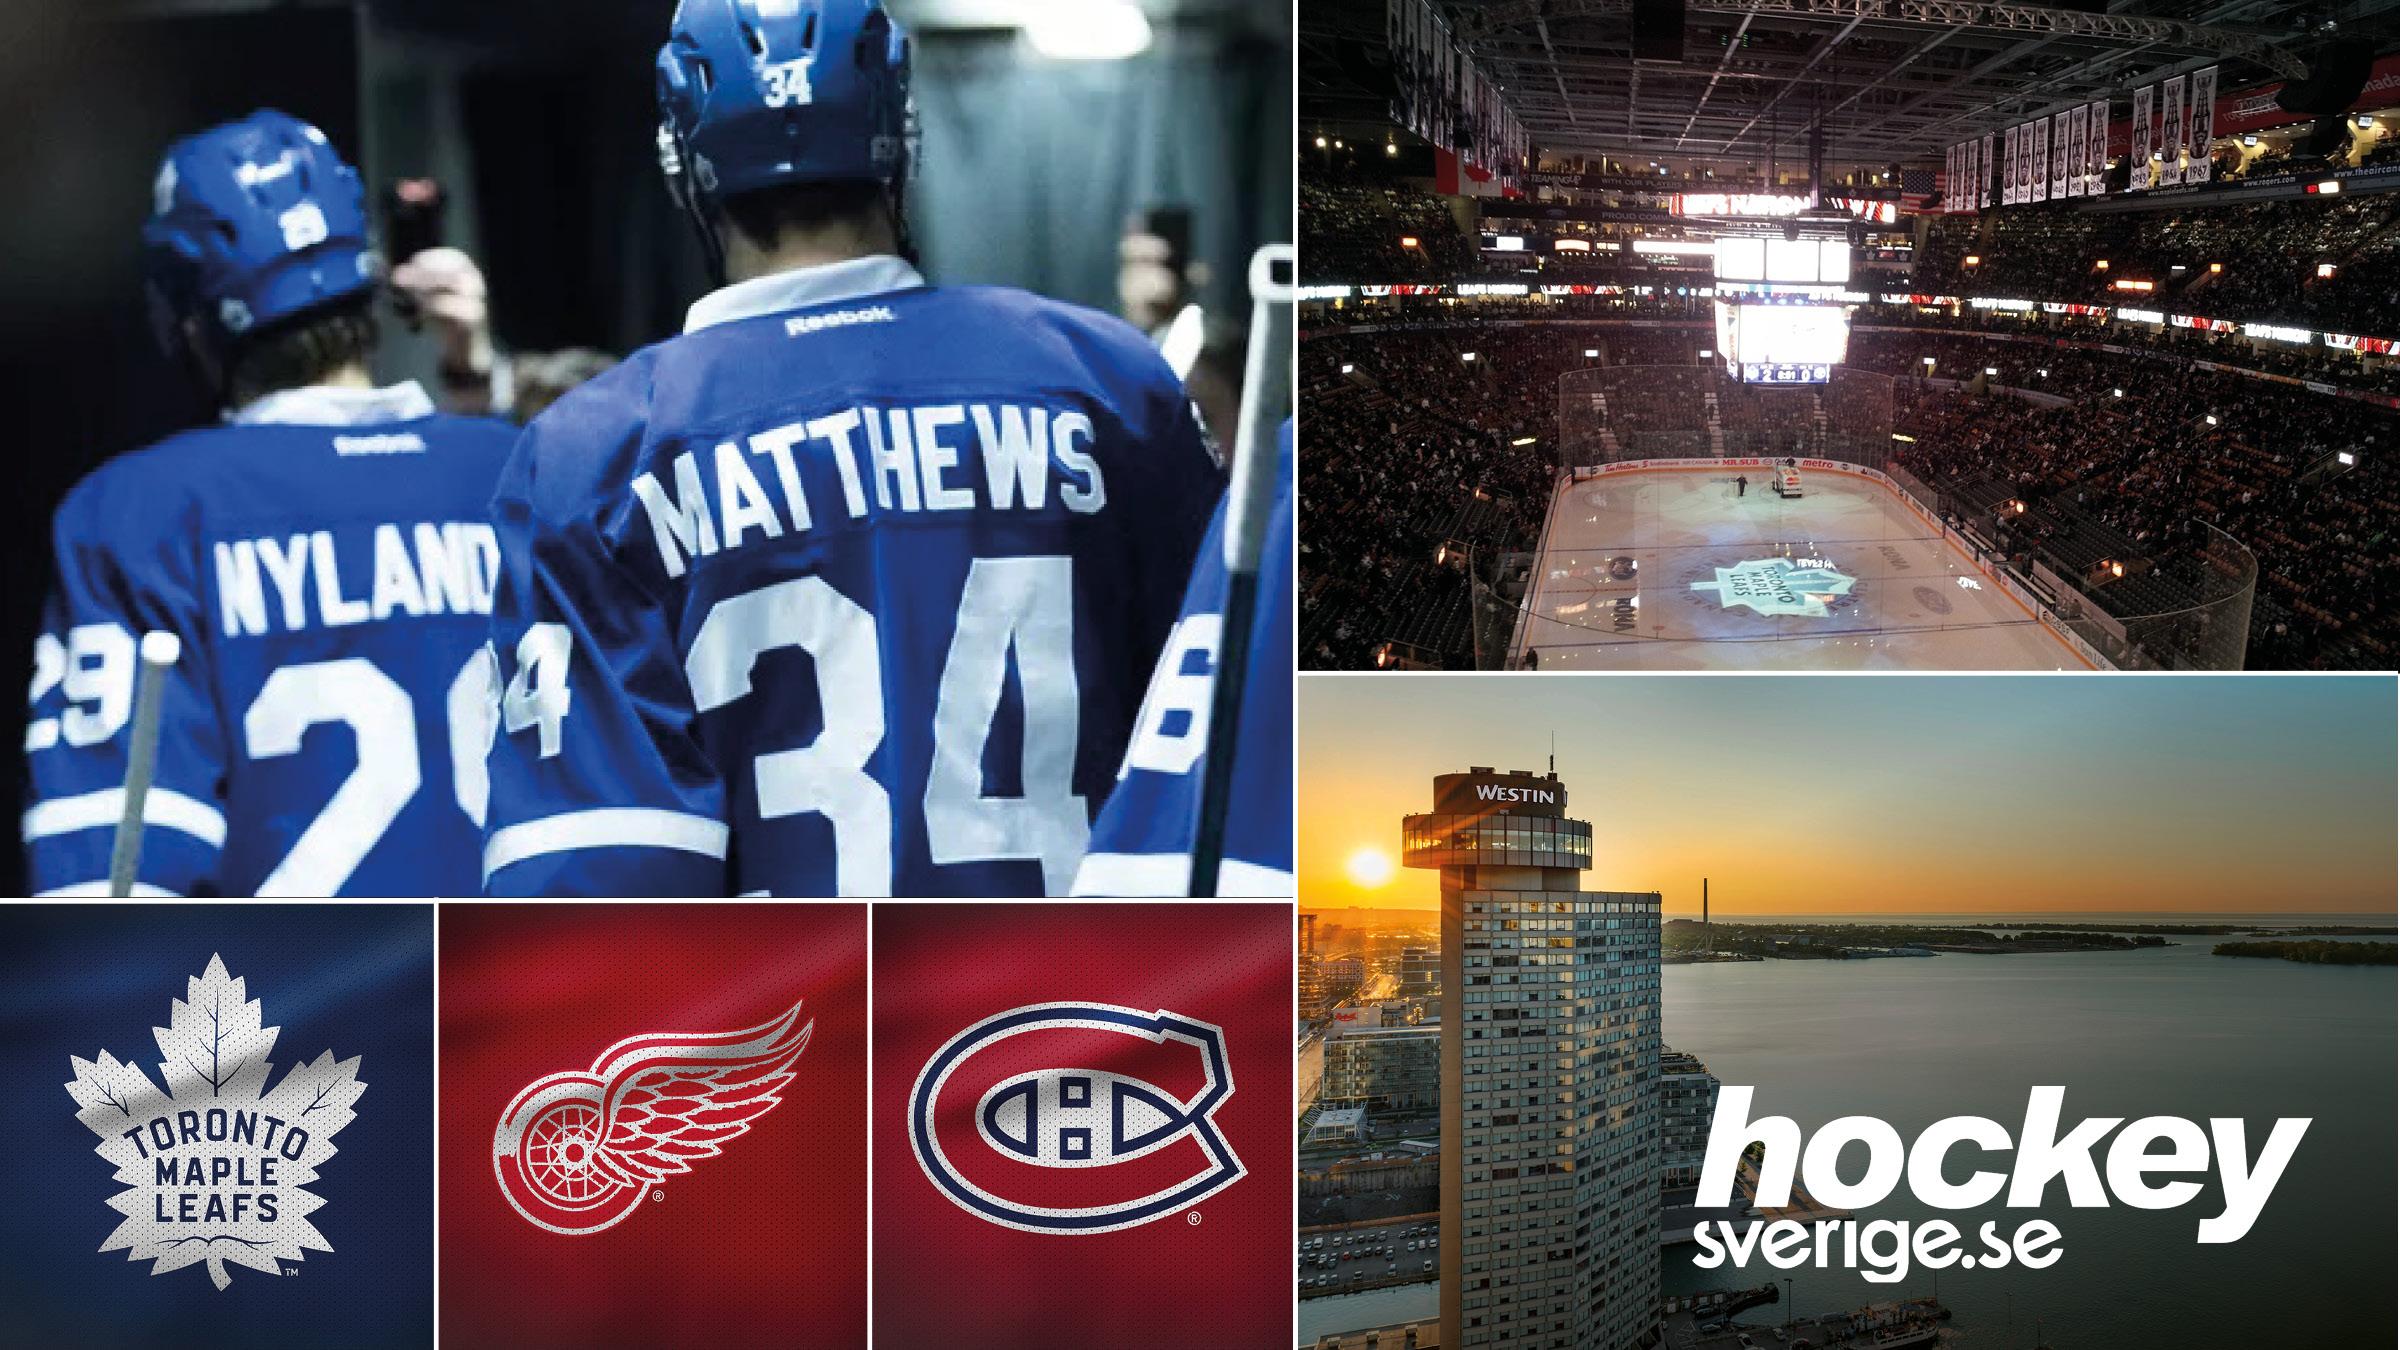 NHL-resa till Torontomed Hockeysverige - 1-6 april 2020 | Nu har du möjlighet att följa med på en oförglömlig hockeyresa till Toronto. Under resan till Toronto kommer du att få uppleva två matcher i Scotiabank Arena, grundseriens två sista matcher mot Detroit Red Wings och derbyt mot rivalen Montreal Canadiens. På fyrstjärniga The Westin Harbour Hotel lär du trivas under vistelsen.